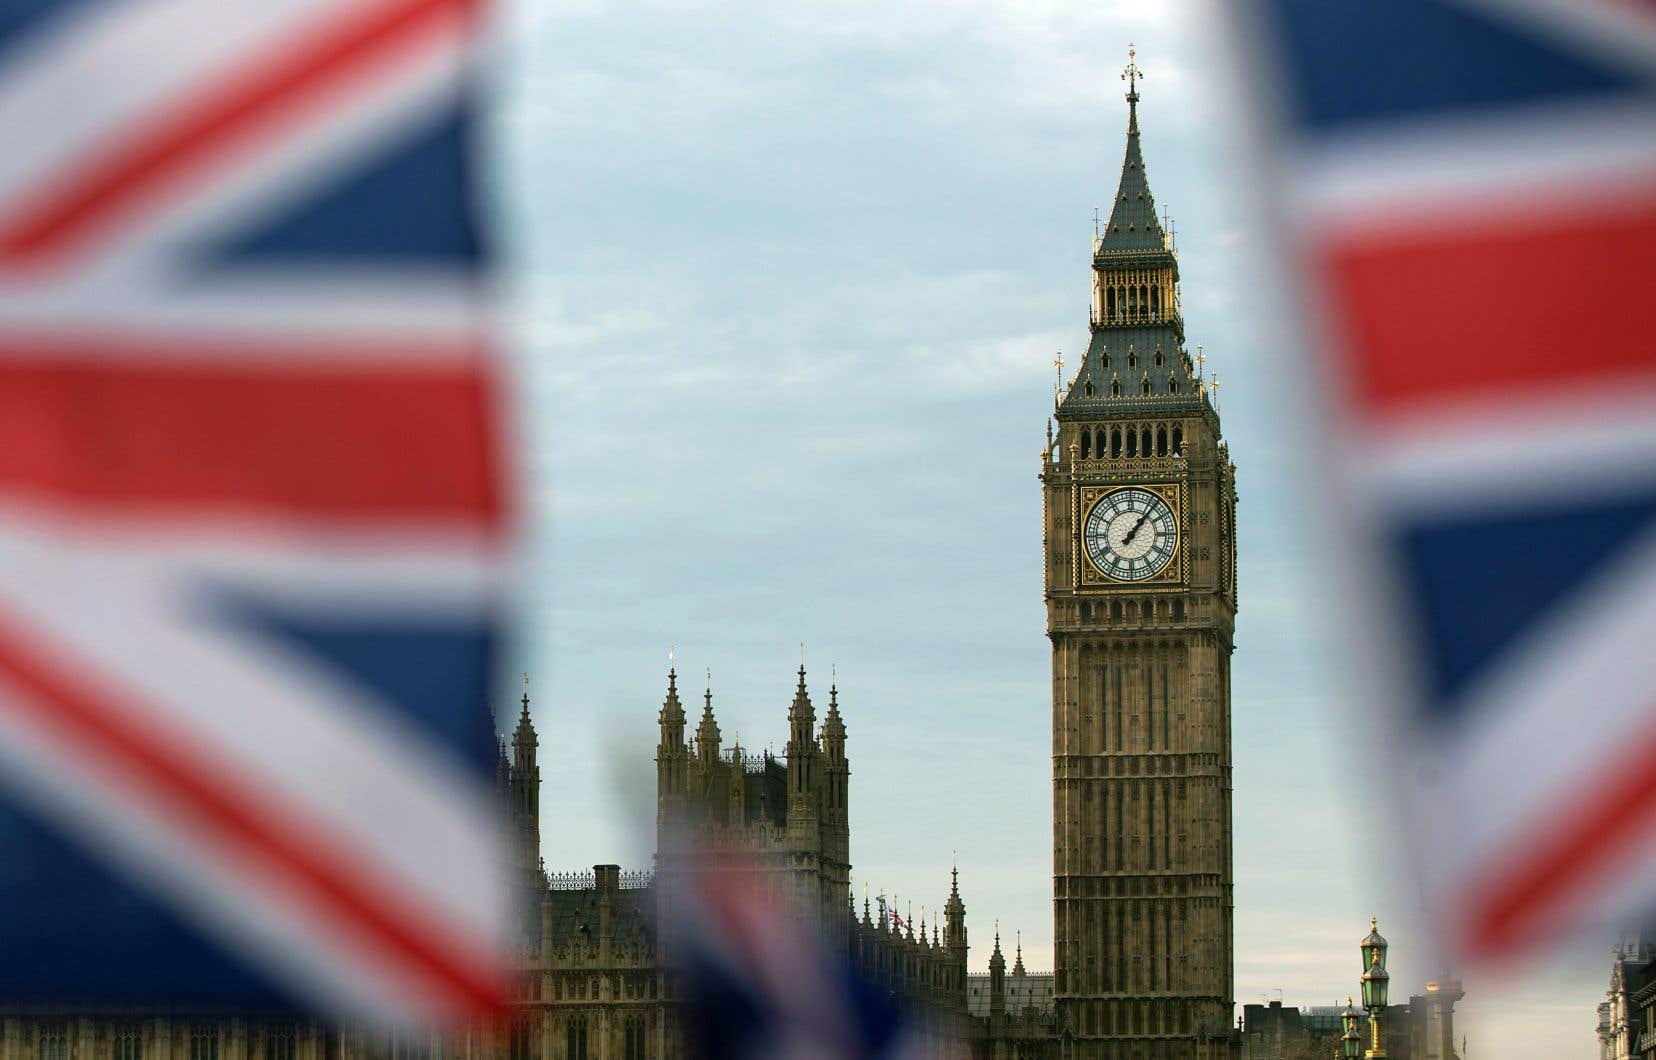 L'appui au Brexit est particulièrement venu des zones où l'économie se portait mal, où les revenus, les niveaux d'éducation et de satisfaction dans la vie étaient faibles et où la population se faisait vieillissante.